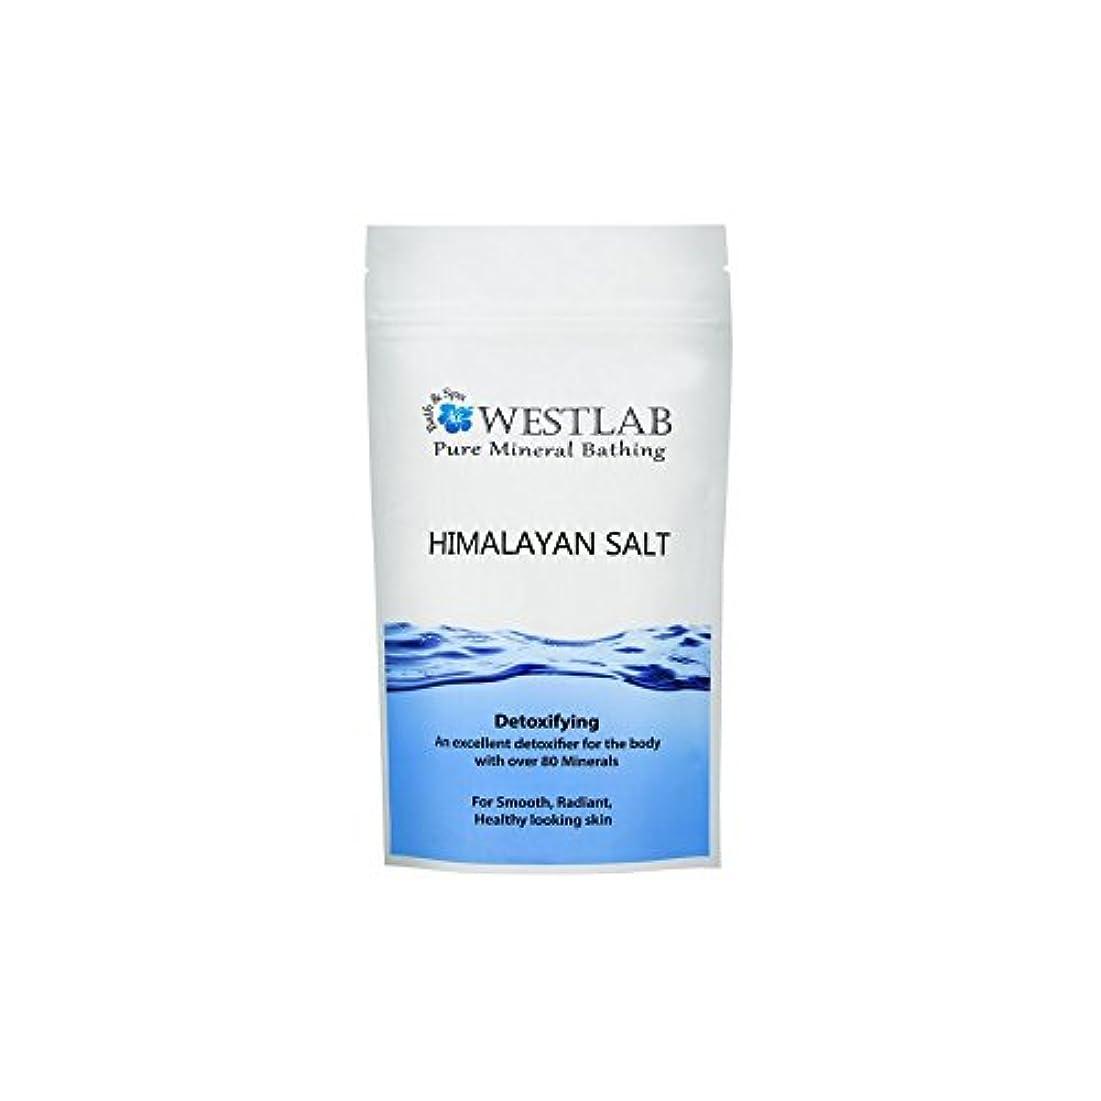 風ピアコーナーヒマラヤ塩の1キロ x2 - Westlab Himalayan Salt 1kg (Pack of 2) [並行輸入品]